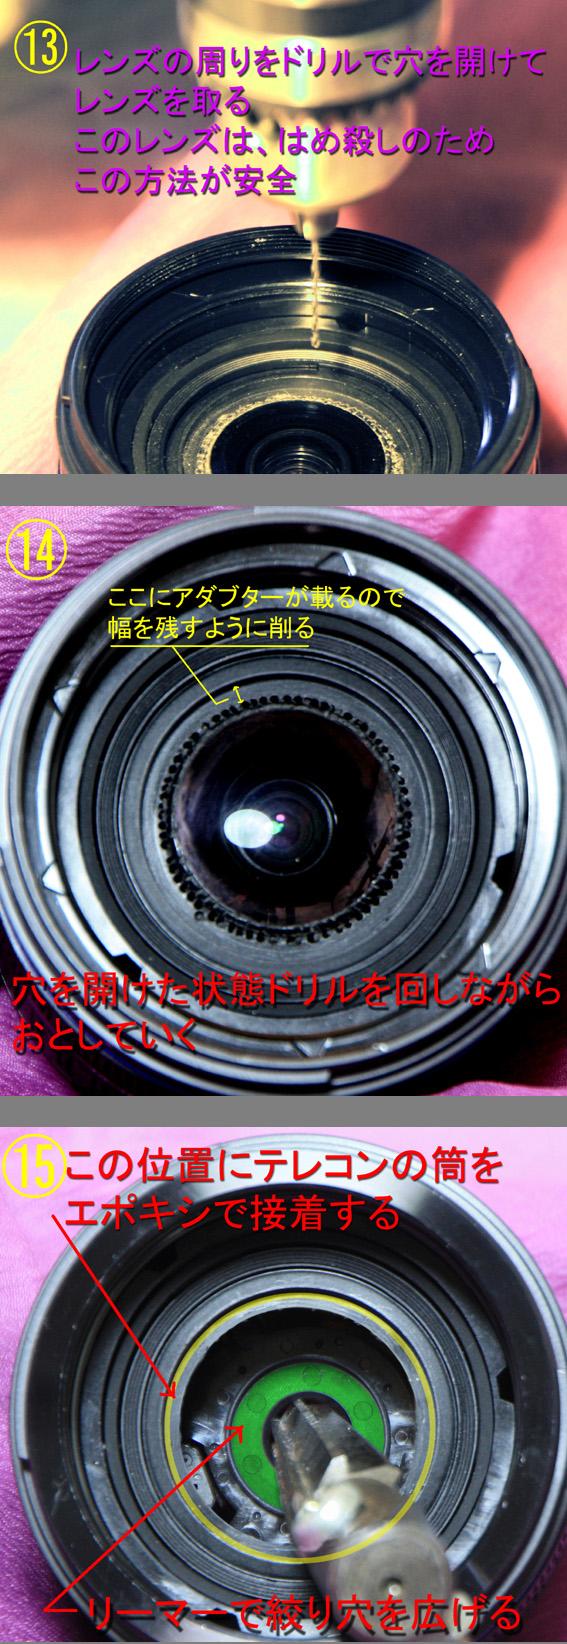 f0215767_1632122.jpg